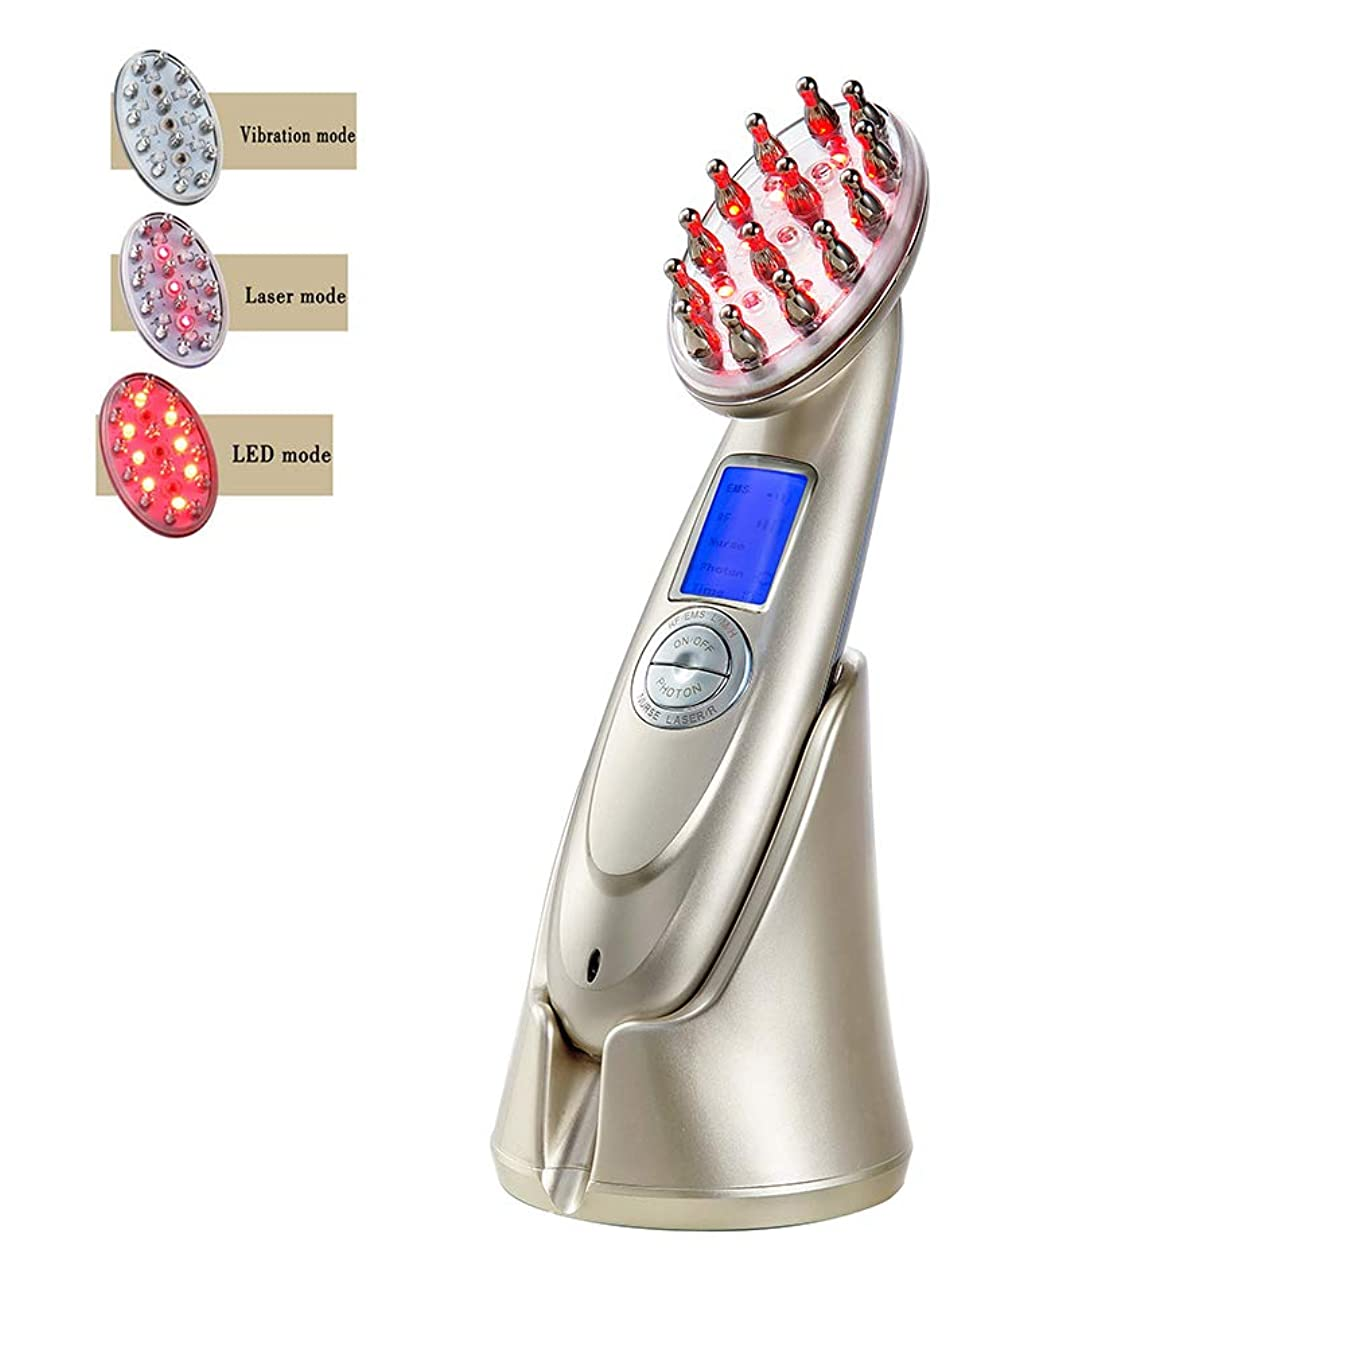 アリセラフ表現プロの電気髪成長レーザー櫛 RF EMS LED 光子光療法ブラシ抗脱毛治療マッサージヘア再生ブラシ